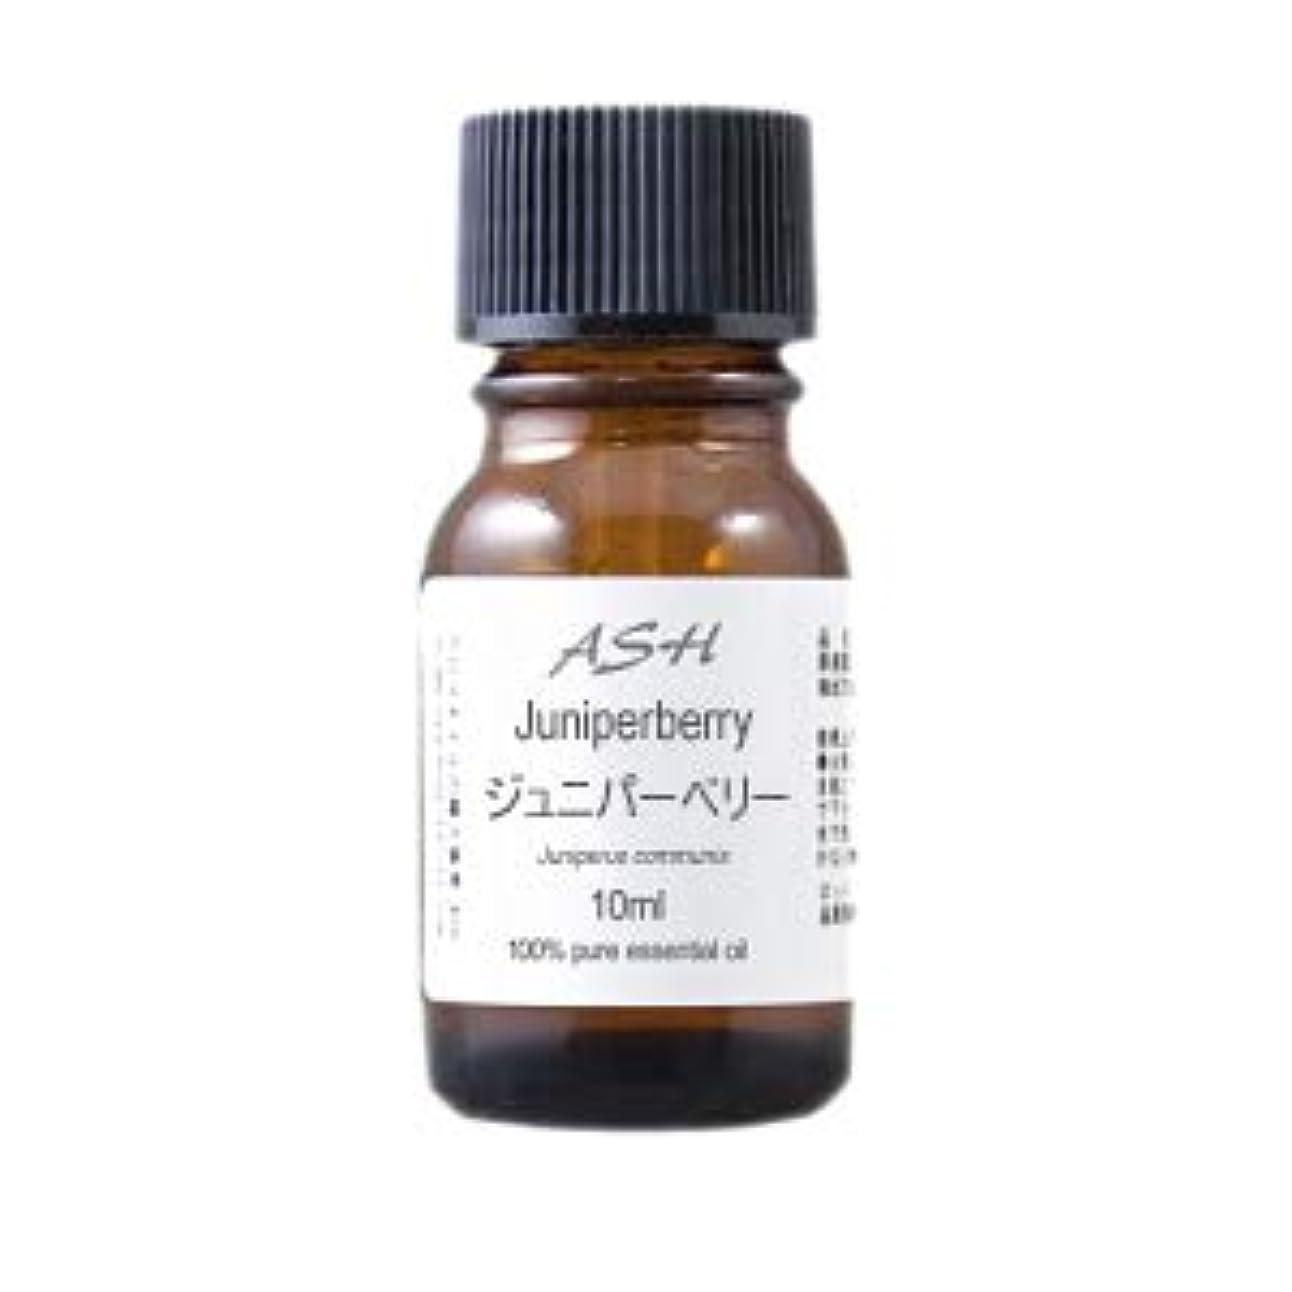 眠り嫌い人口ASH ジュニパー エッセンシャルオイル 10ml AEAJ表示基準適合認定精油